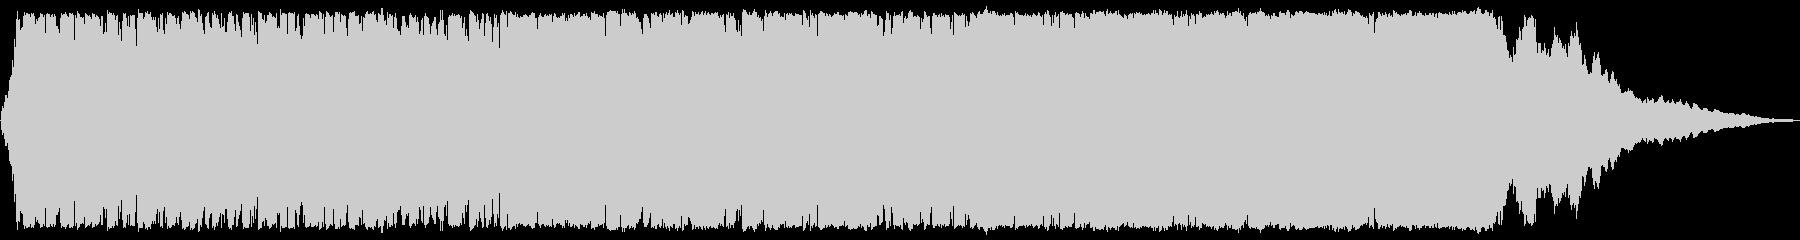 現代的 交響曲 バトル 焦り 広い...の未再生の波形